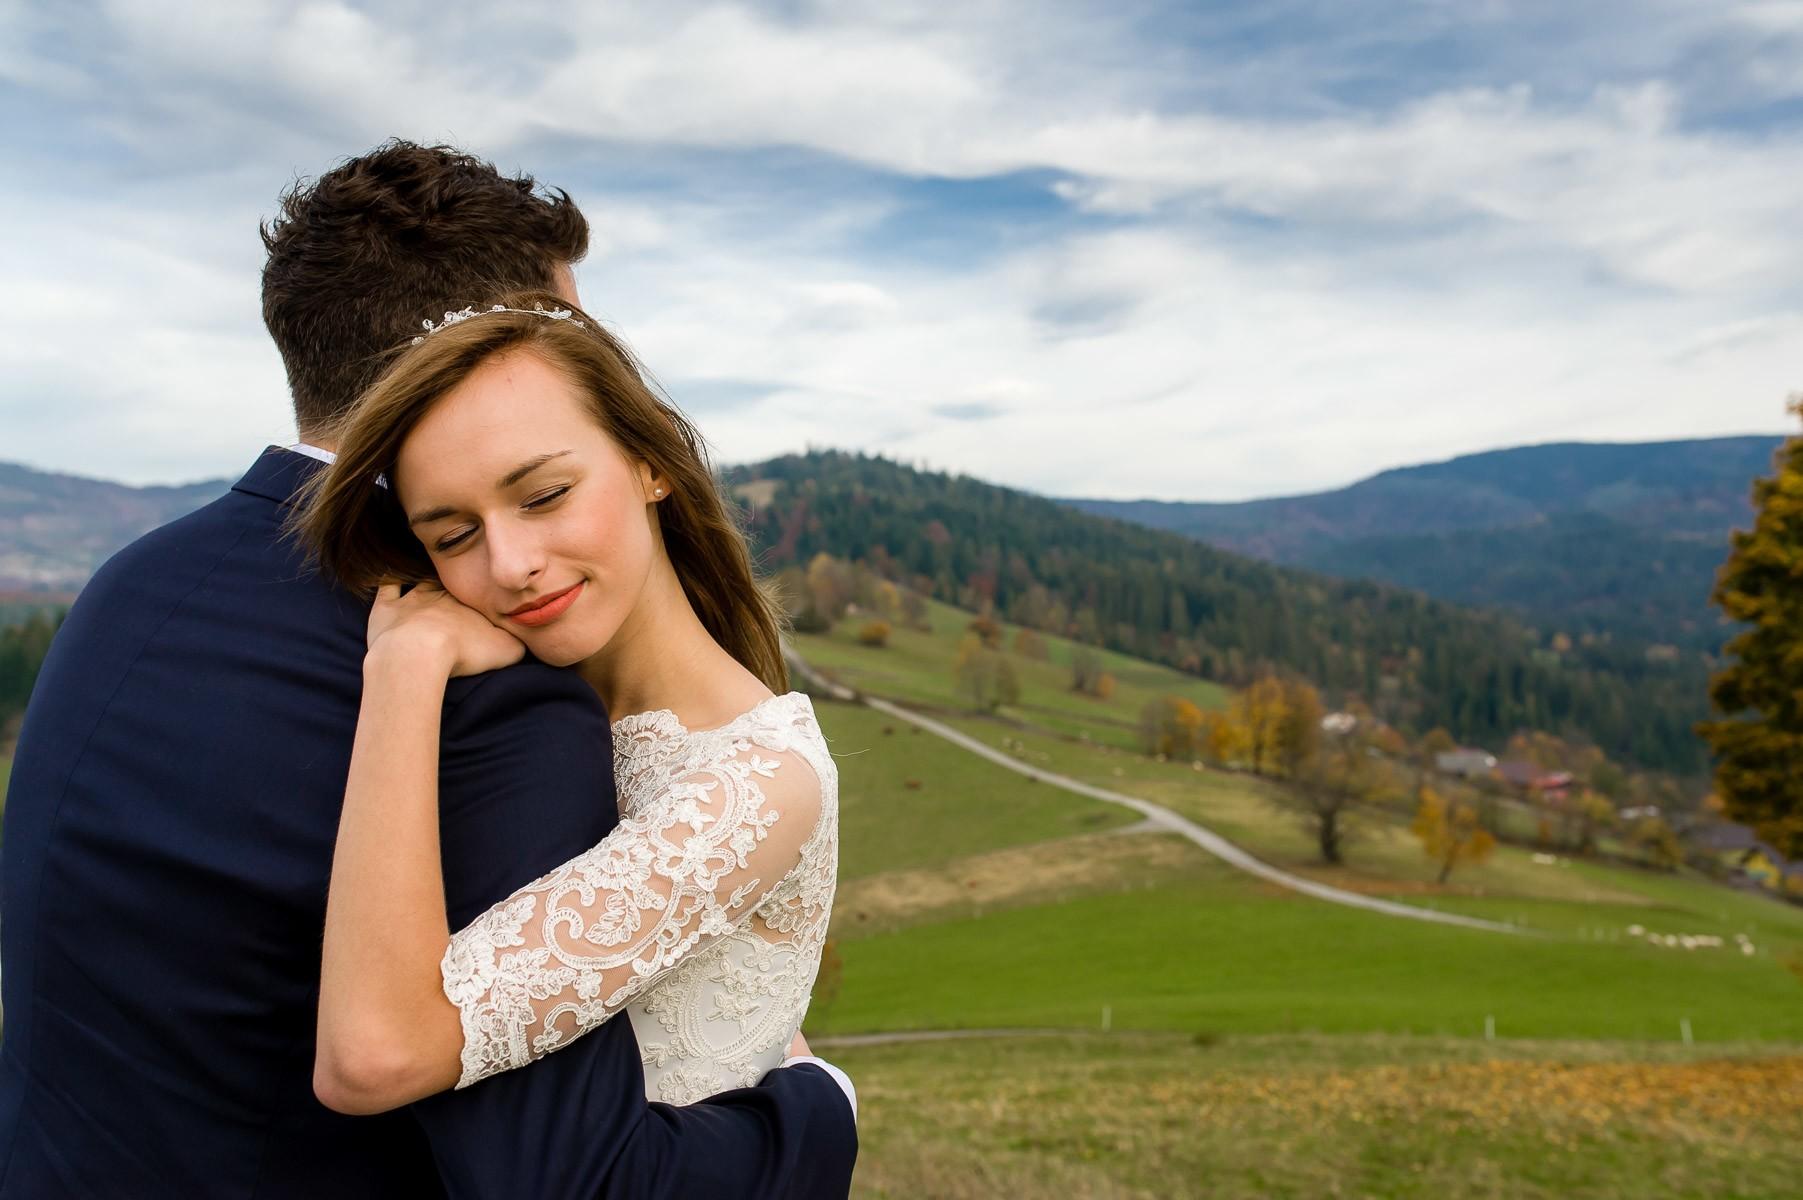 sala na skarpie fotograf slubny slask malopolska adam pietrusiak plener slubny w gorach jw wedding 183